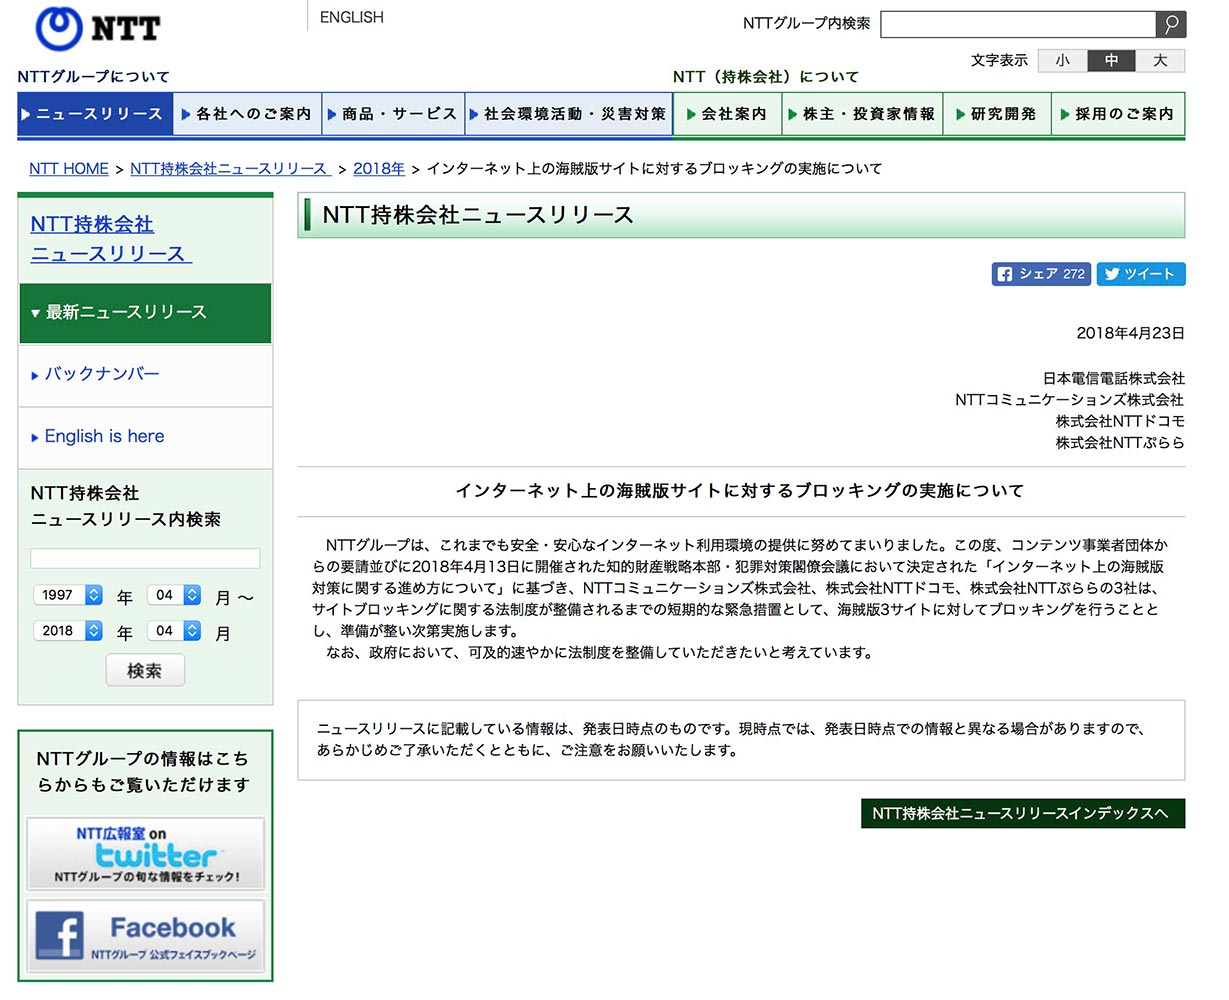 NTTグループ、「漫画村」など海賊版3サイトに対してブロッキングを実施へ